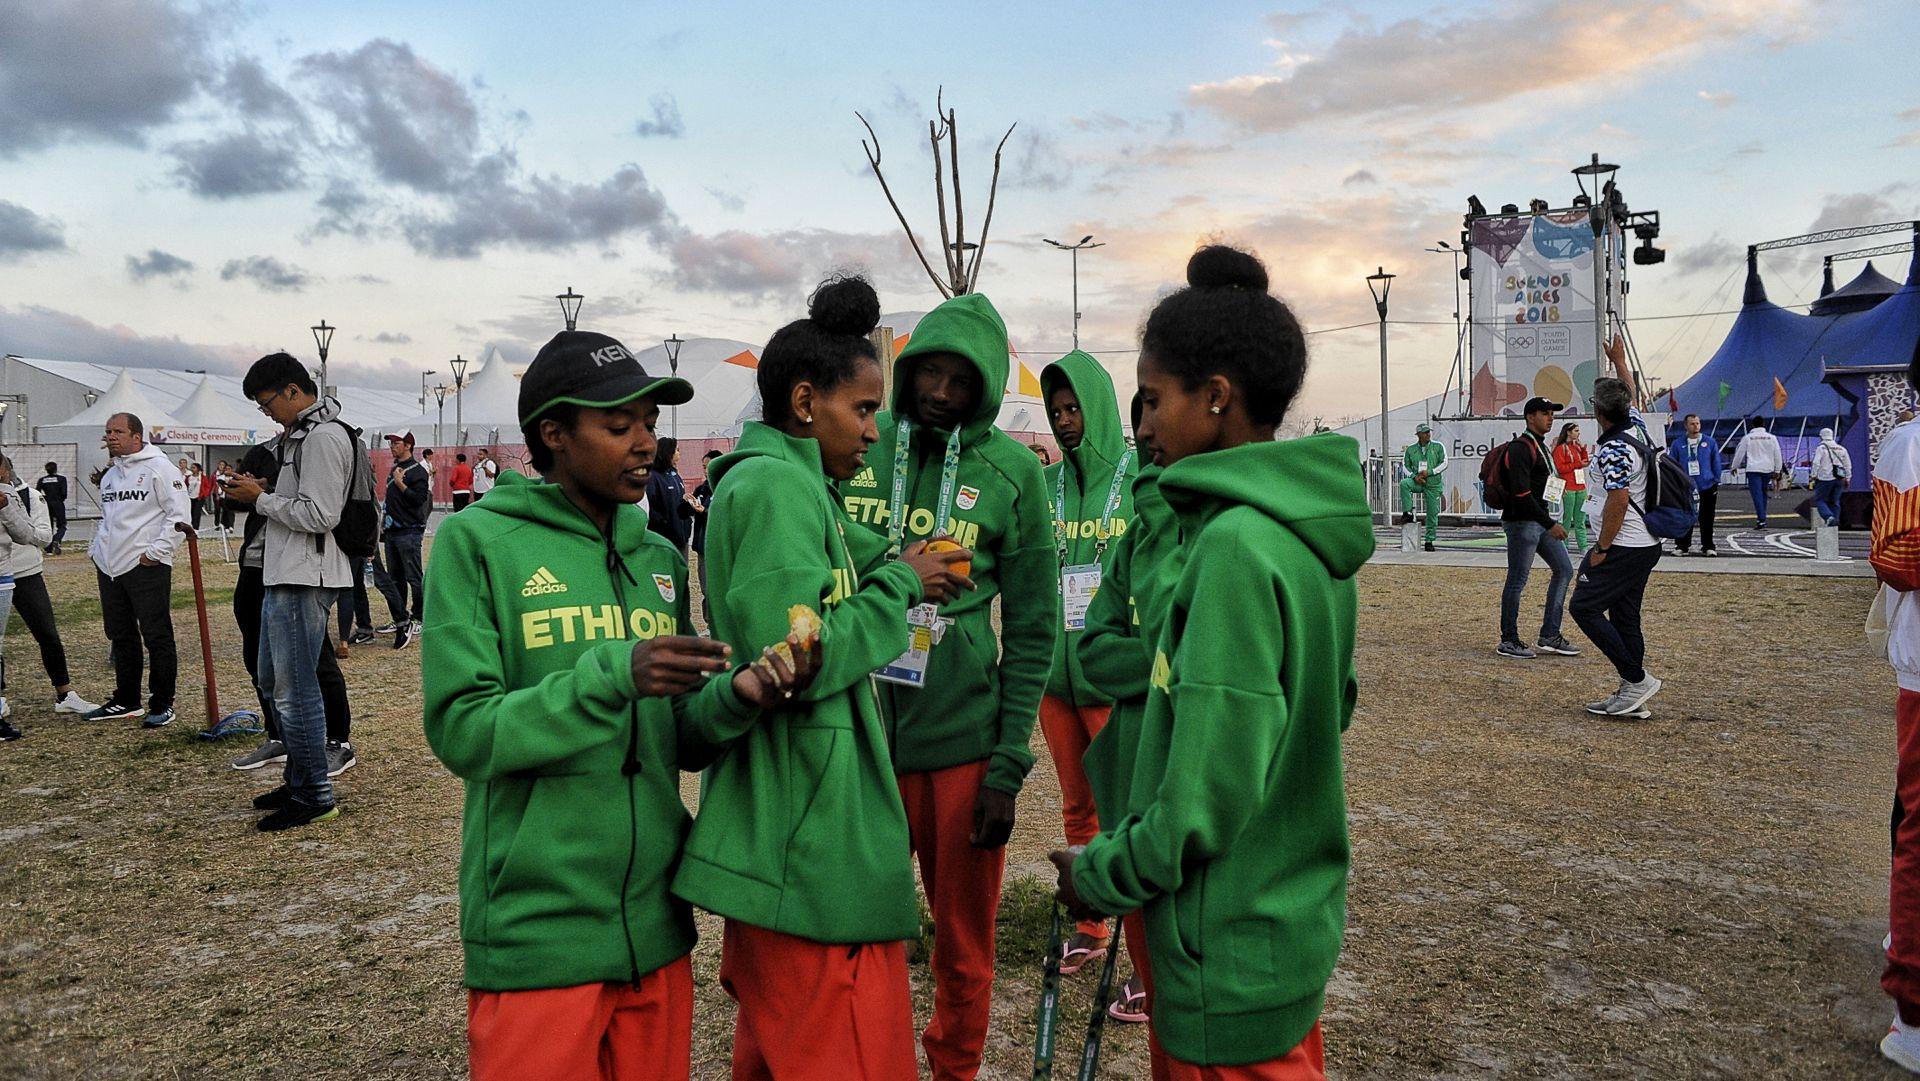 Deportistas de Etiopía también se mostraron ansiosos con el espectáculo (Patricio Murphy)